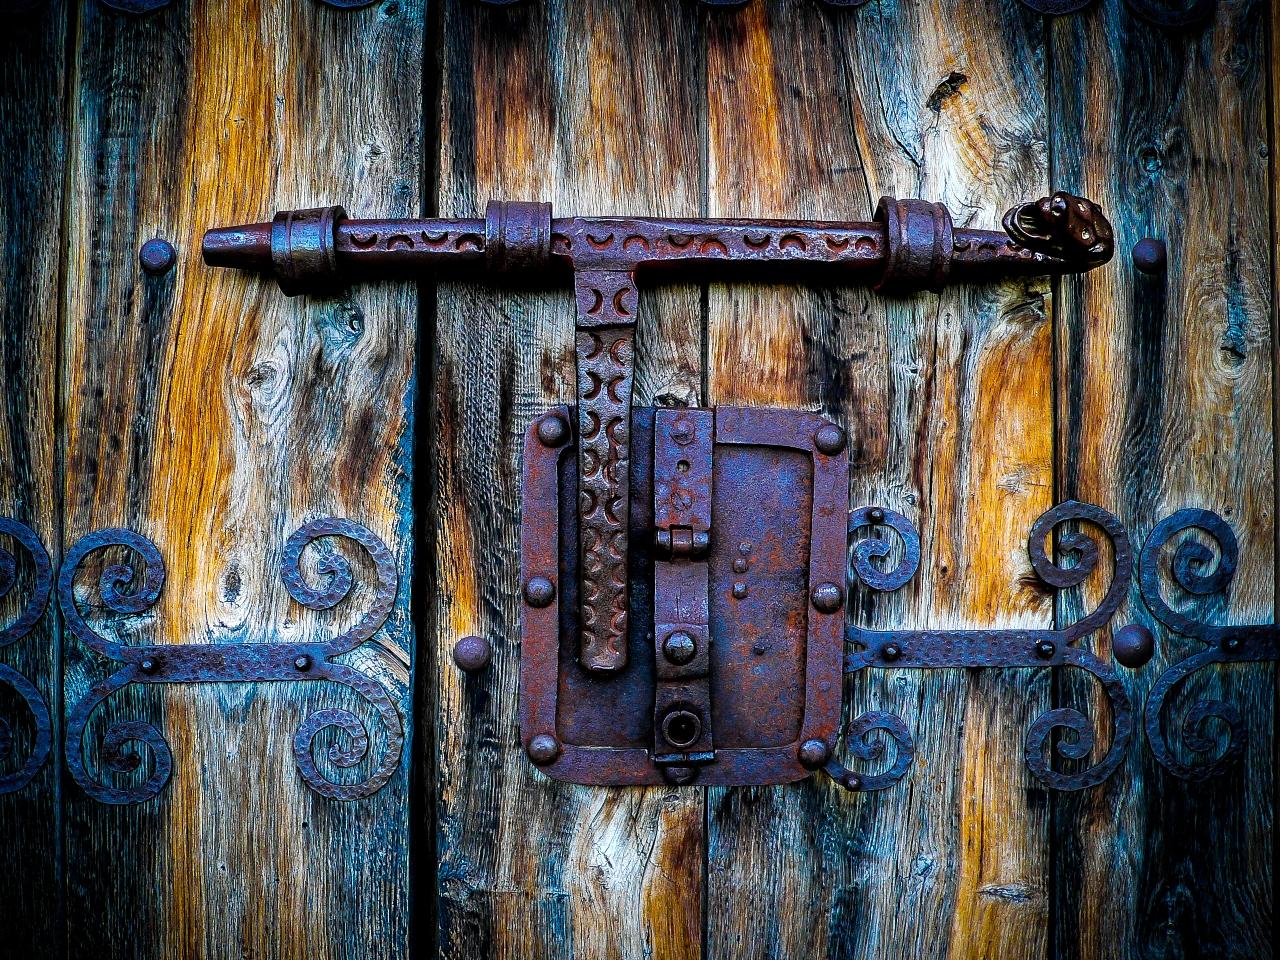 · Busco cerrajero para abrir puerta siglo XIII, he perdido las llaves!